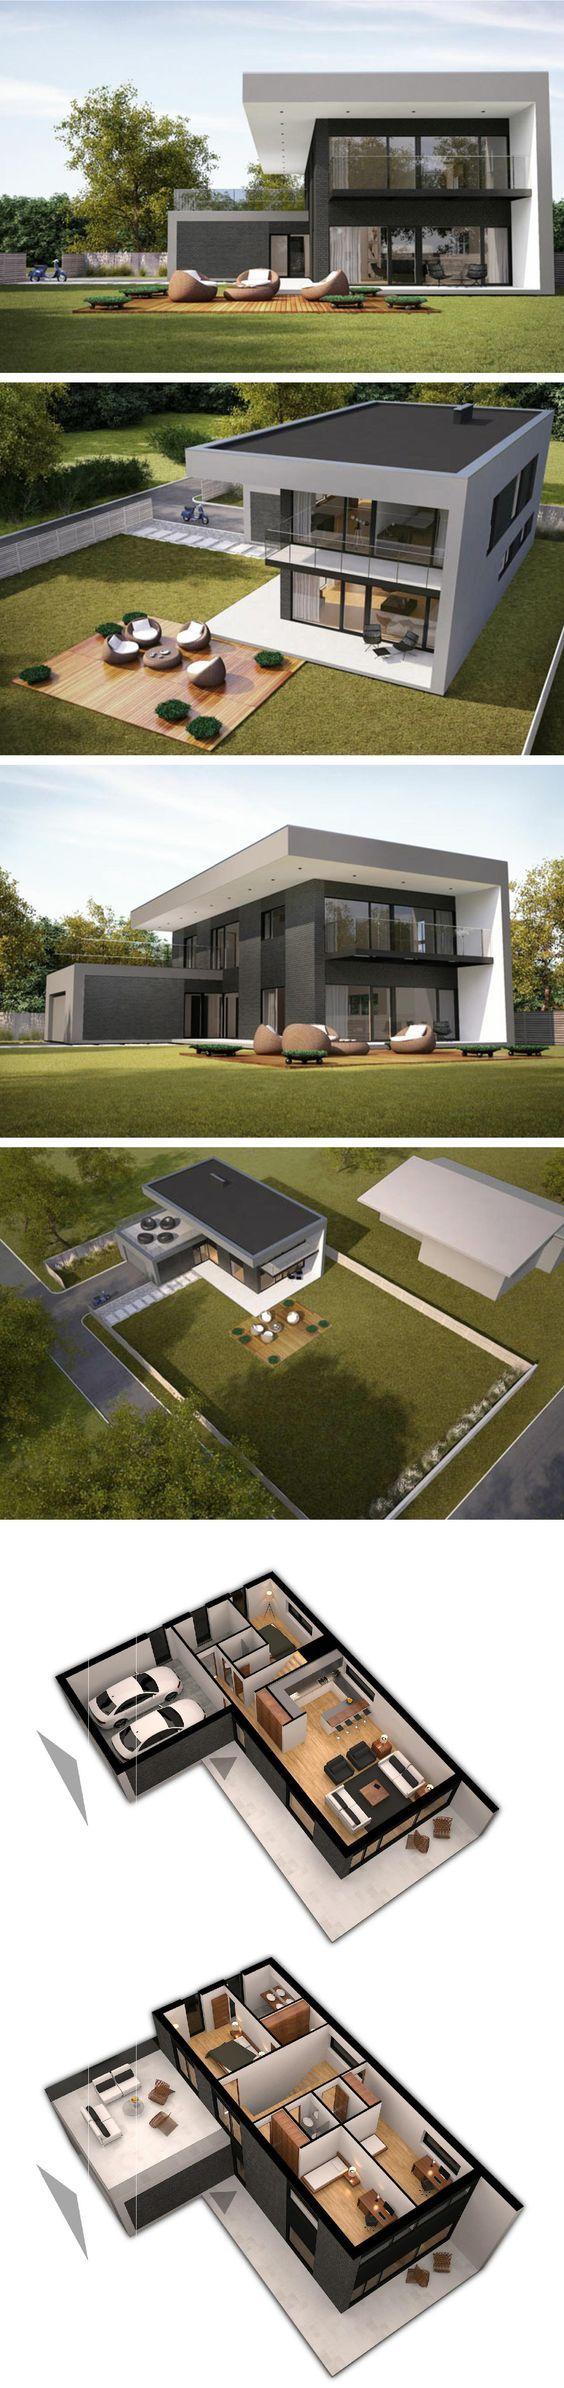 Oltre 25 fantastiche idee su planimetrie di case su for Modern house 46